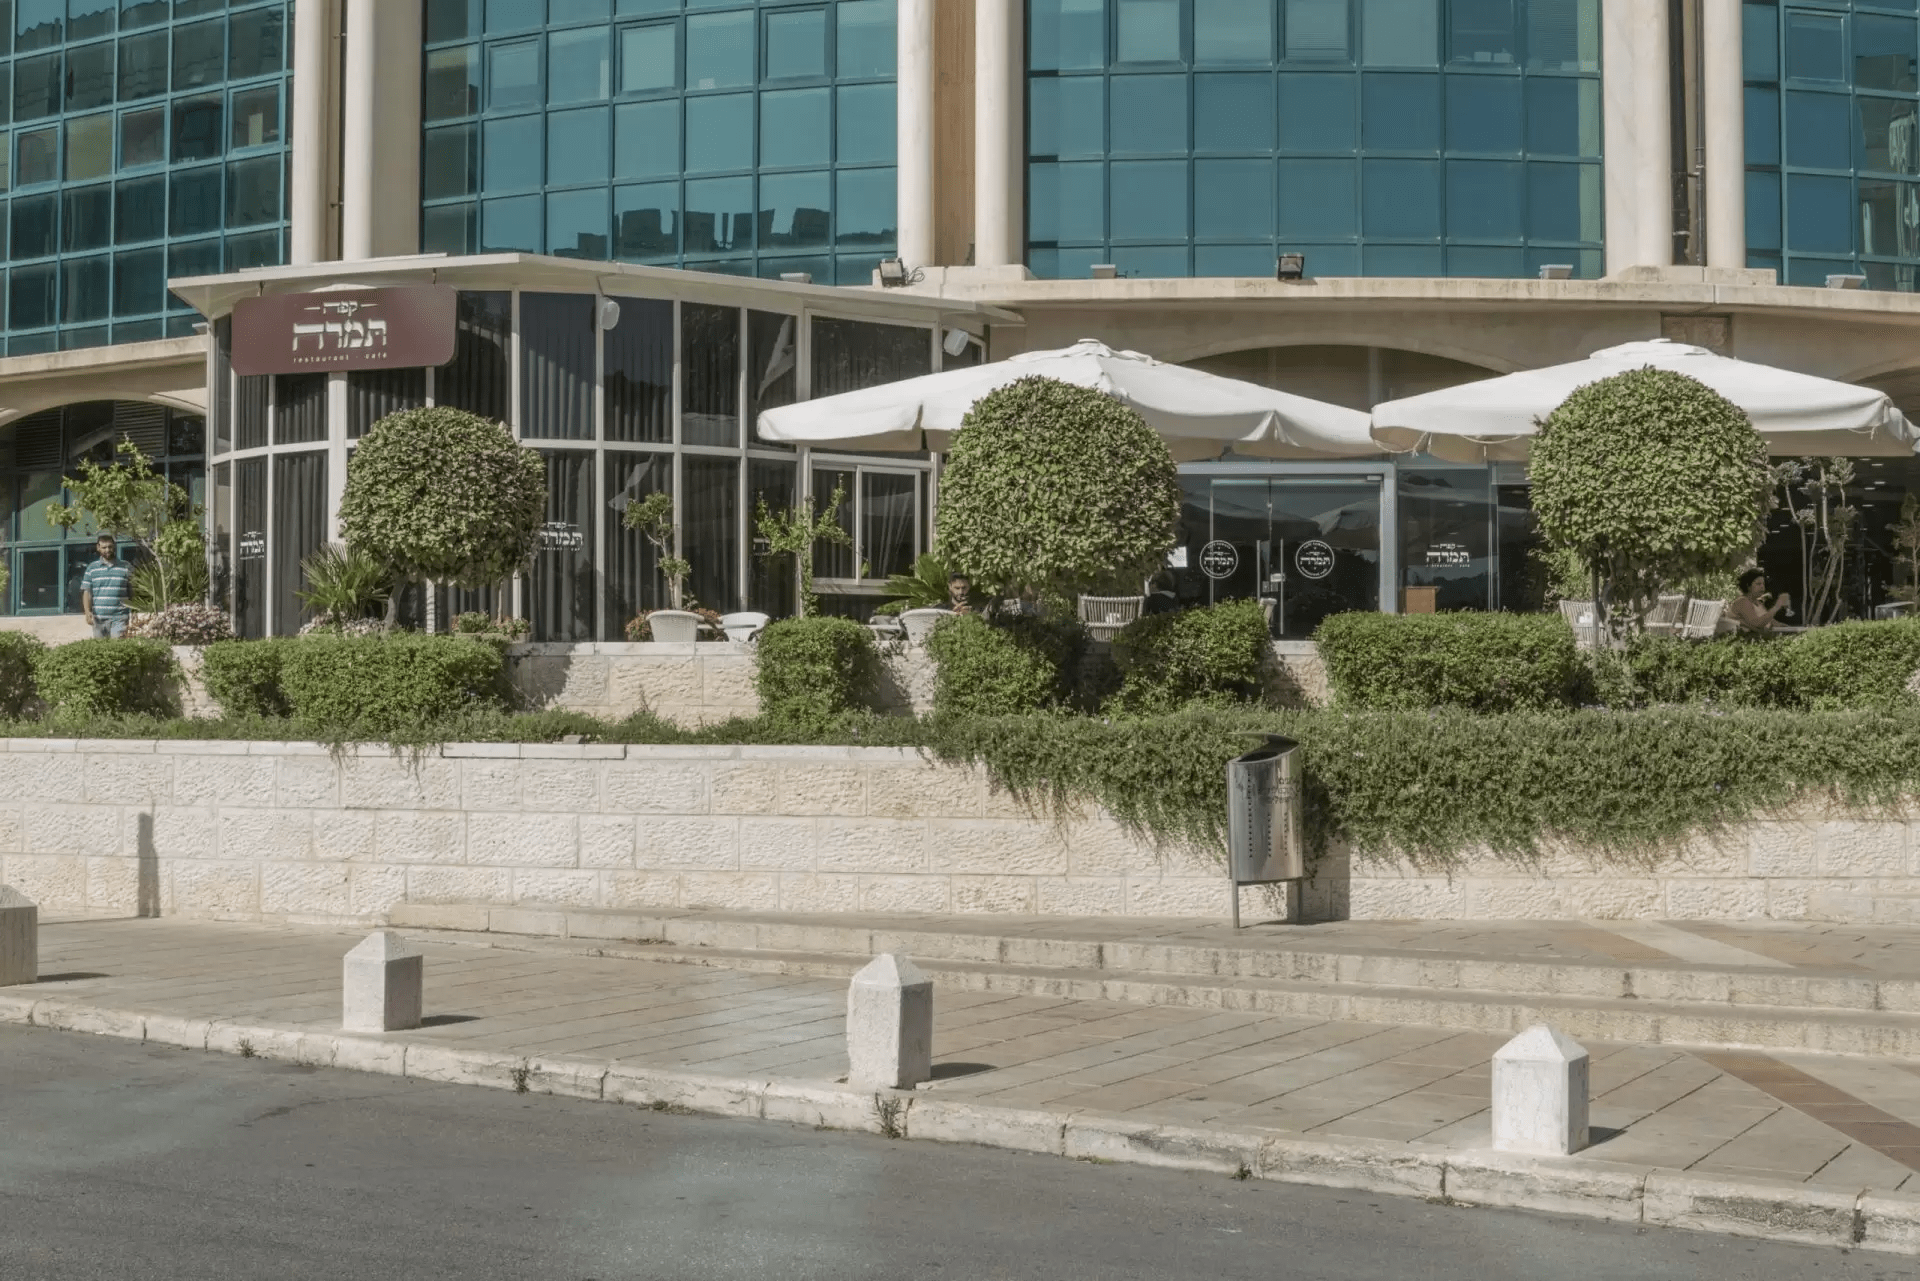 קפה תמרה: קילומטר אחד מגן החיות התנכי ירושלים